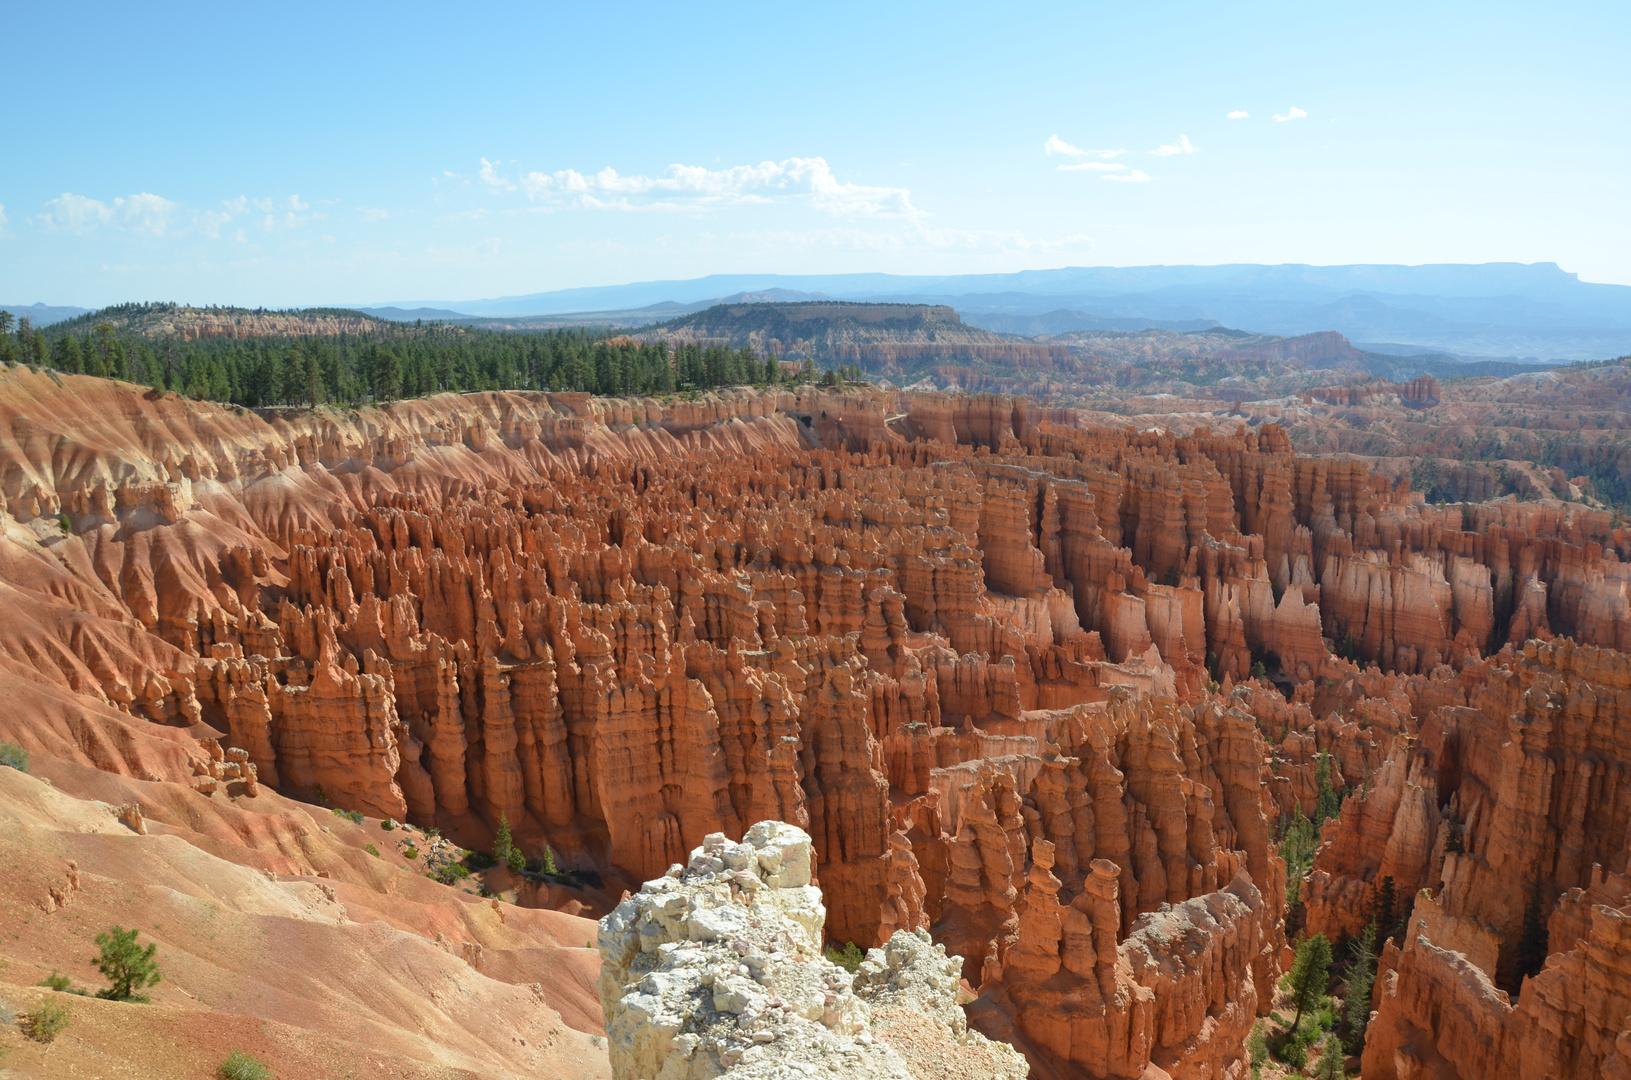 Am Rande des Bryce Canyon